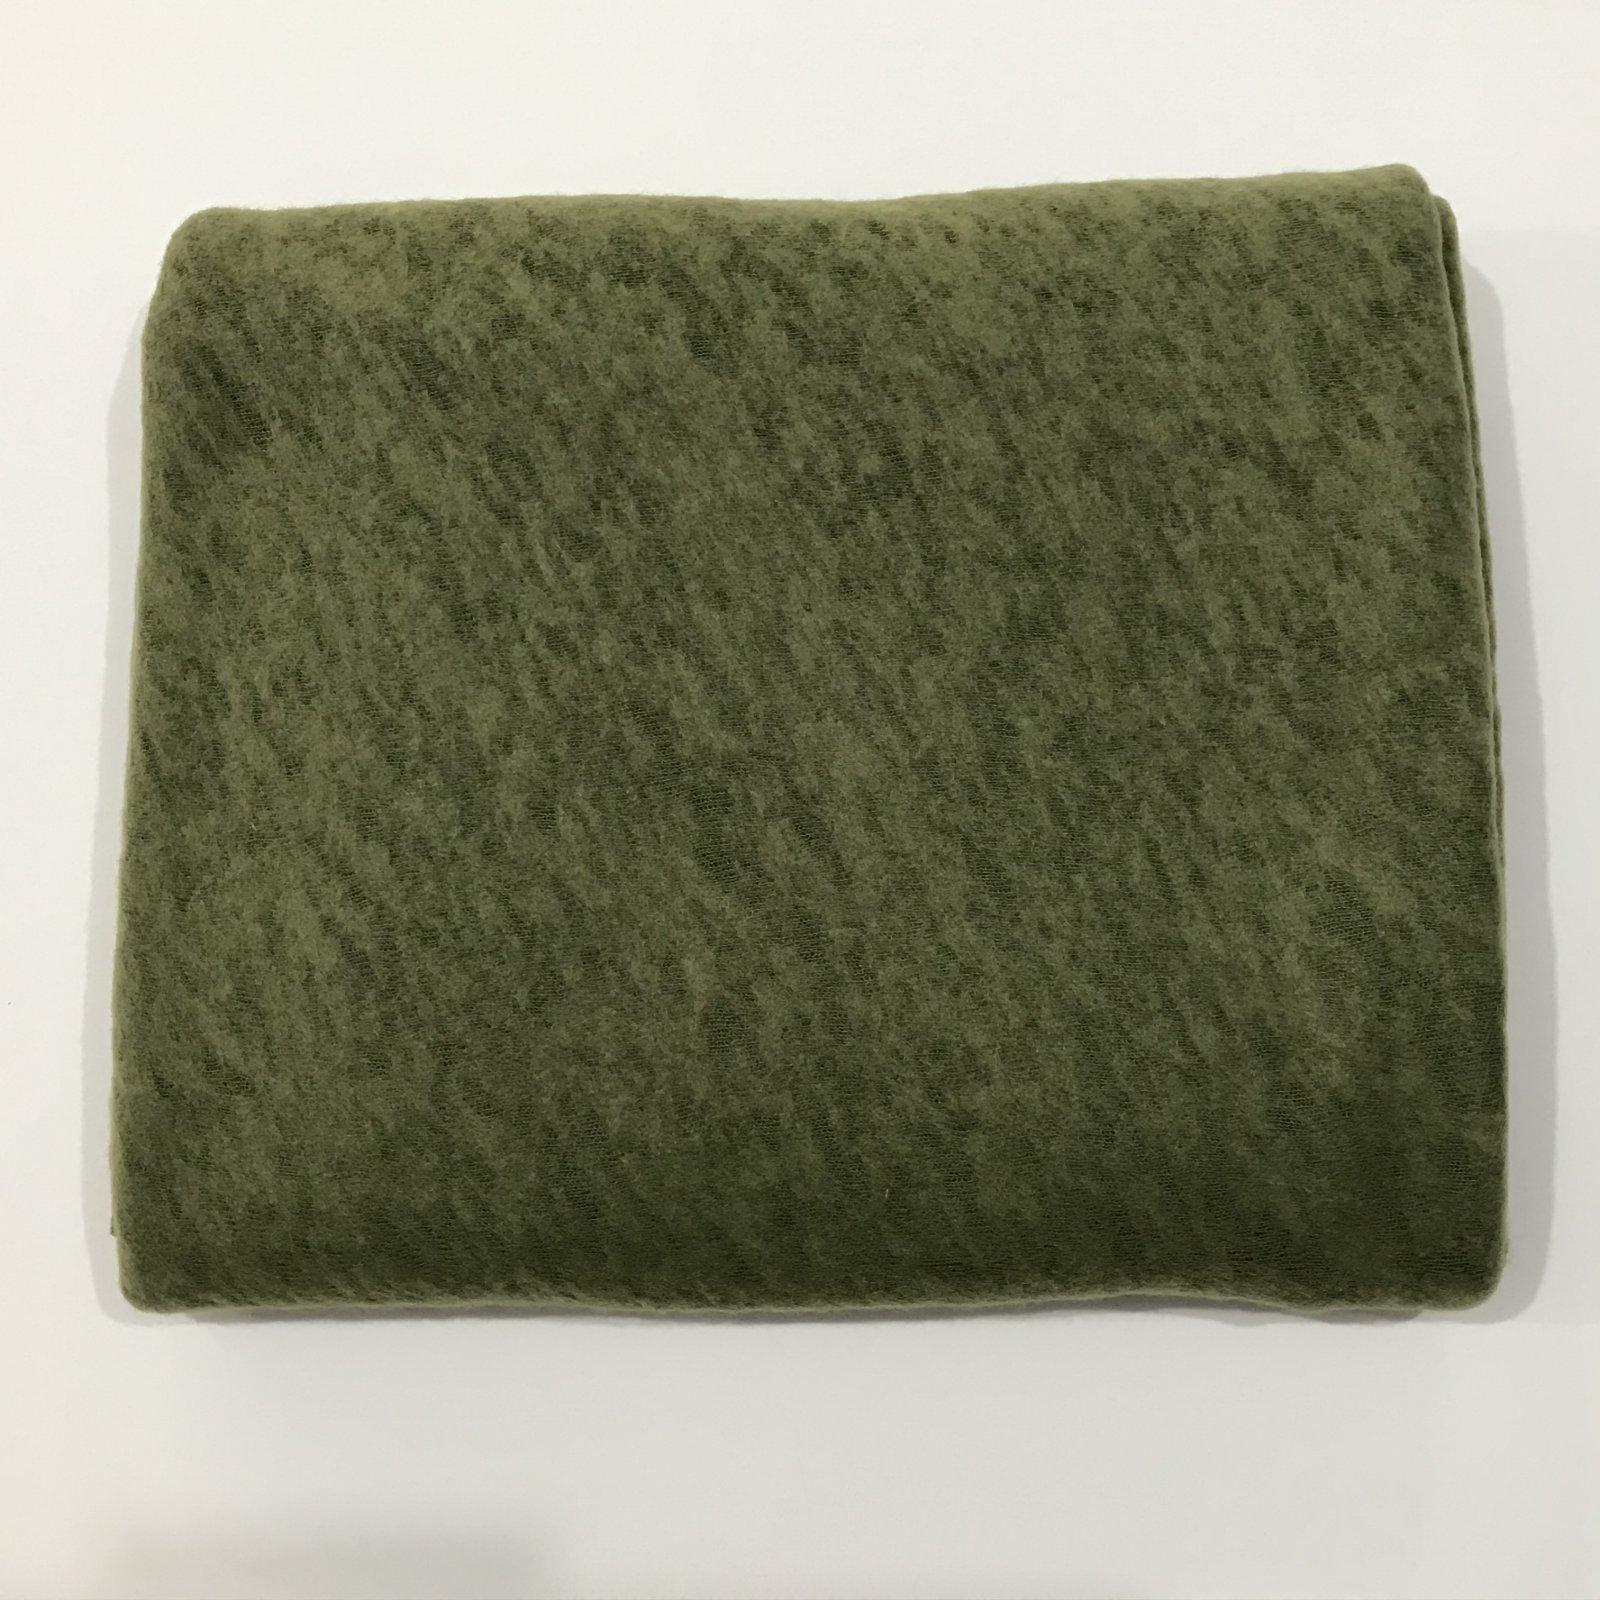 Slub Sweater Knit - Grass Green - 2 1/4 yards